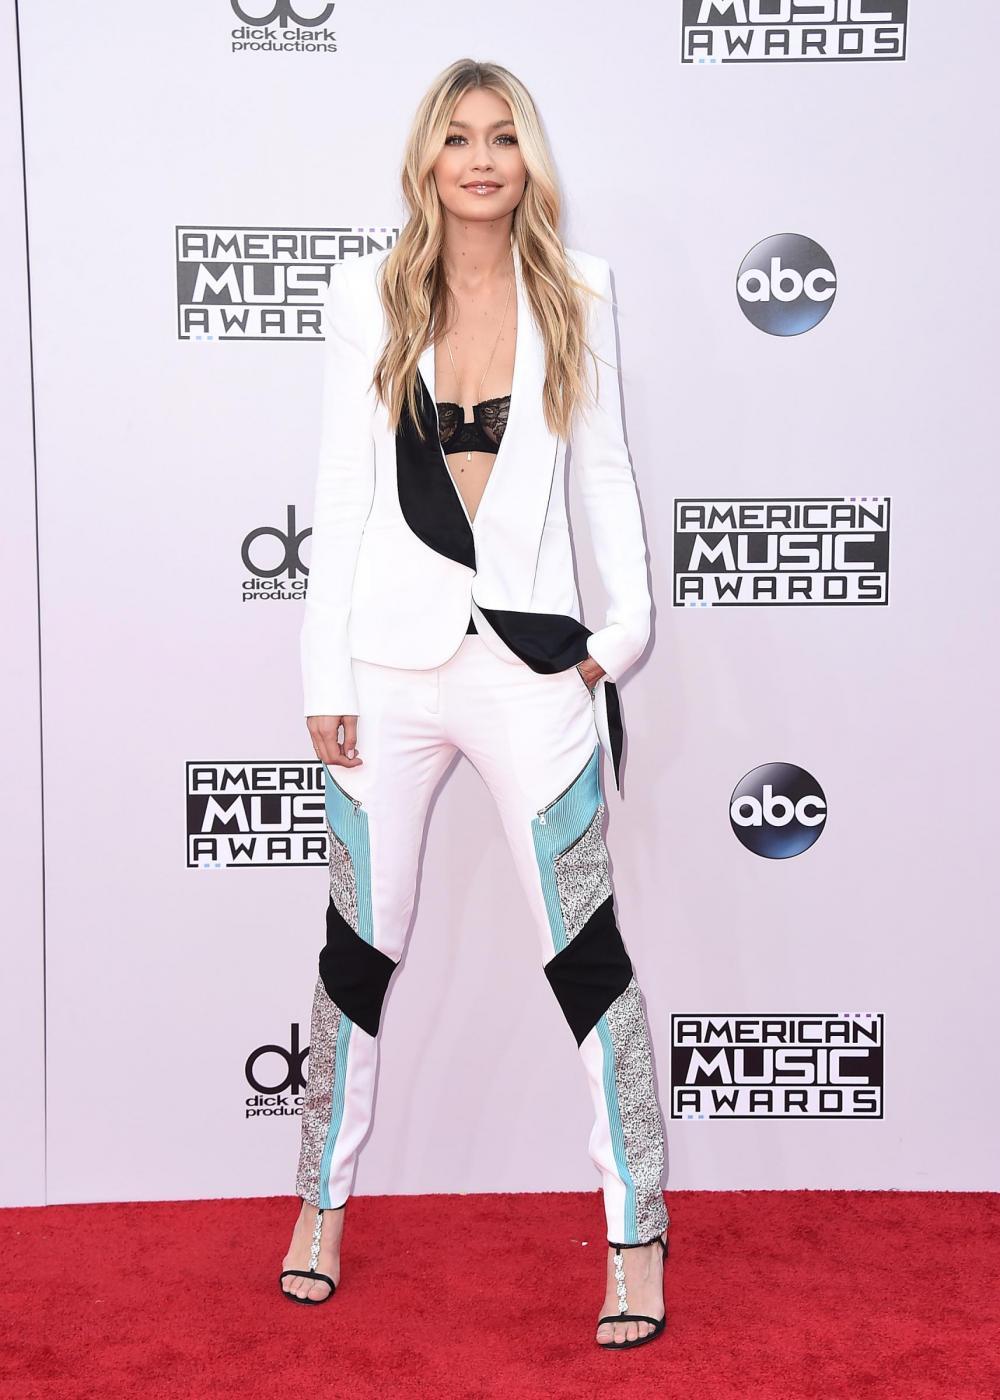 American Music Awards 2014: da Jlo a Rita Ora, i look delle star FOTO